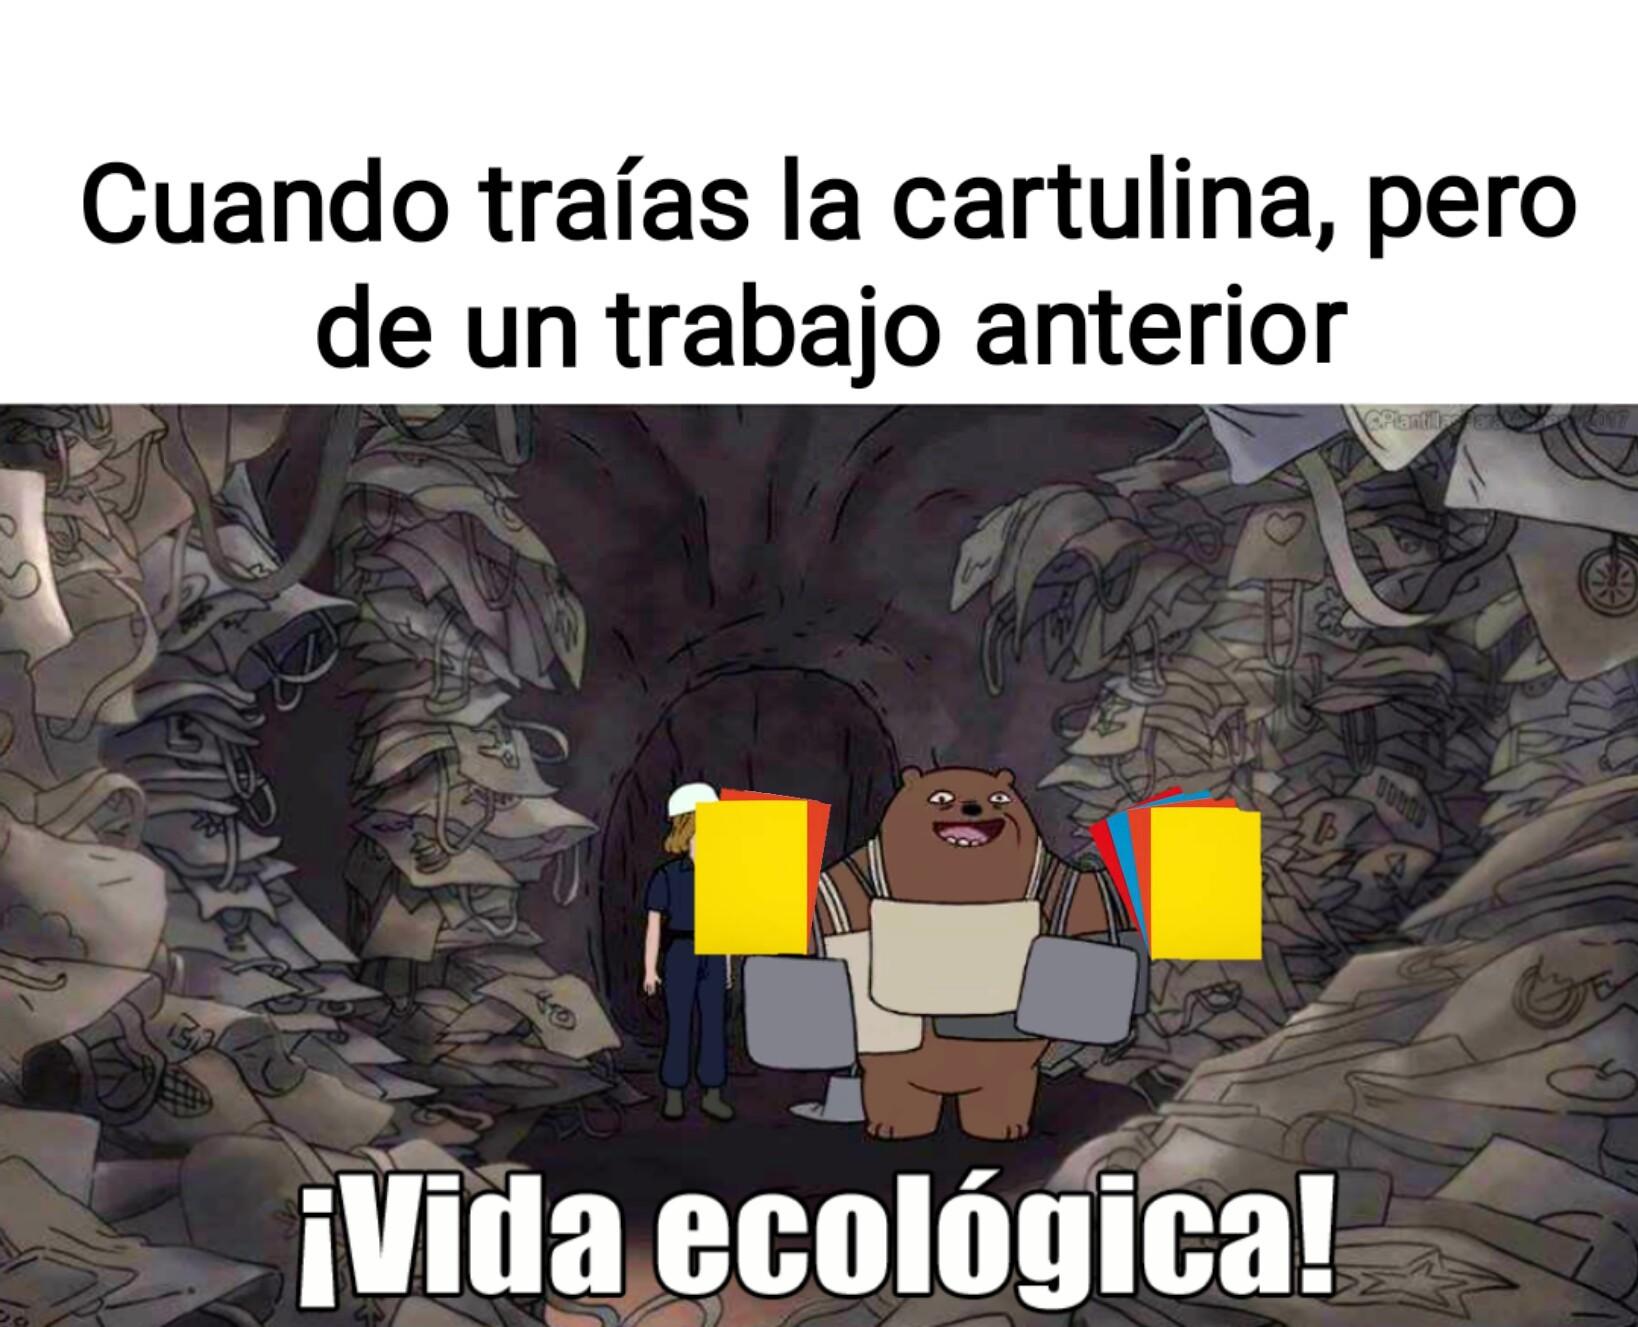 Vida ecológica - meme